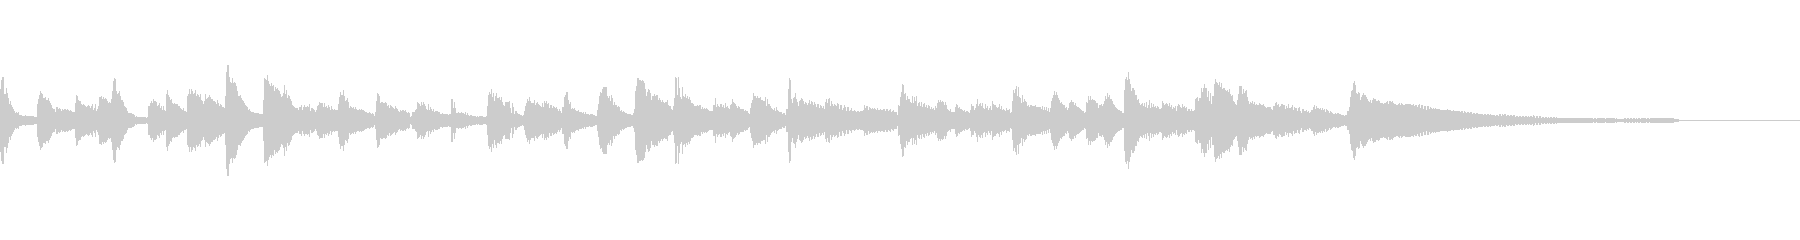 ワルツ ピアノジングルの未再生の波形